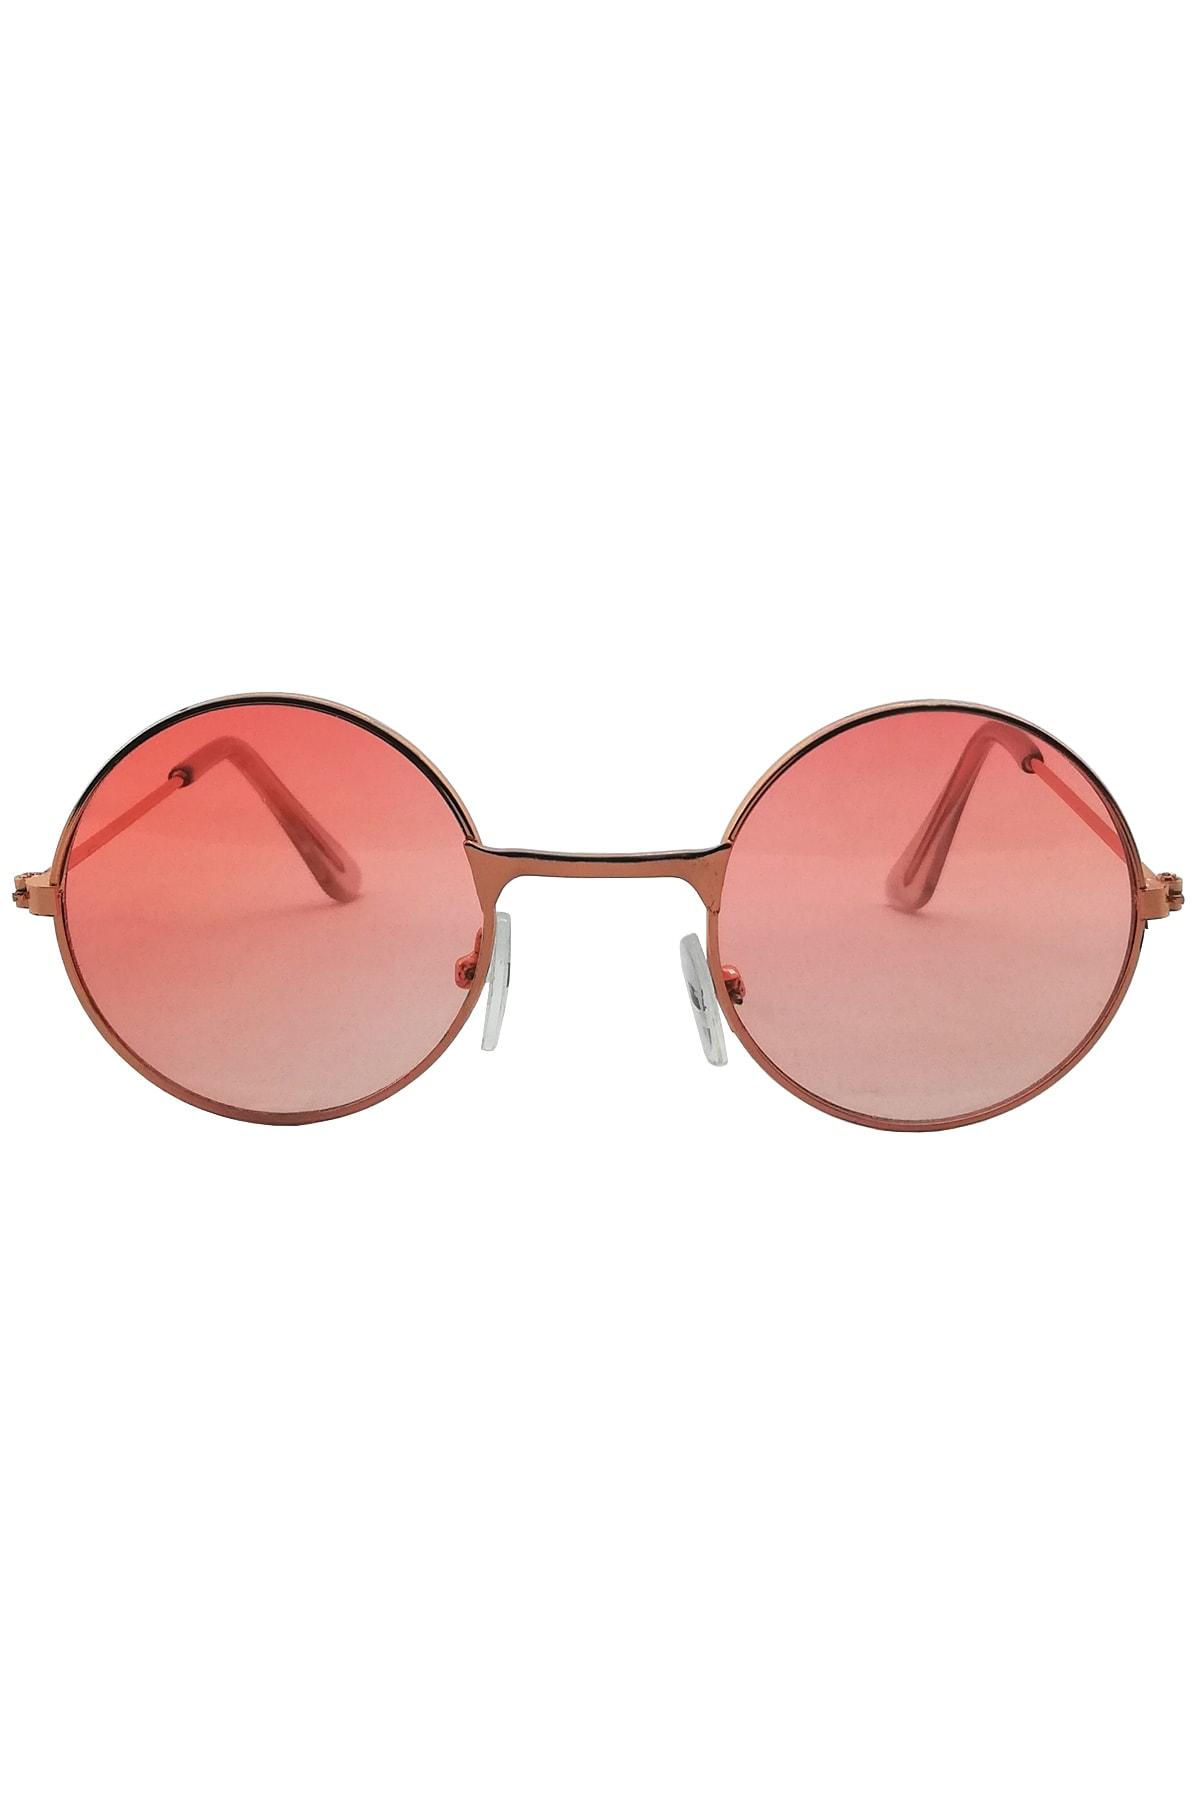 خرید پستی عینک آفتابی زیبا برند sezerekspres رنگ صورتی ty97317409